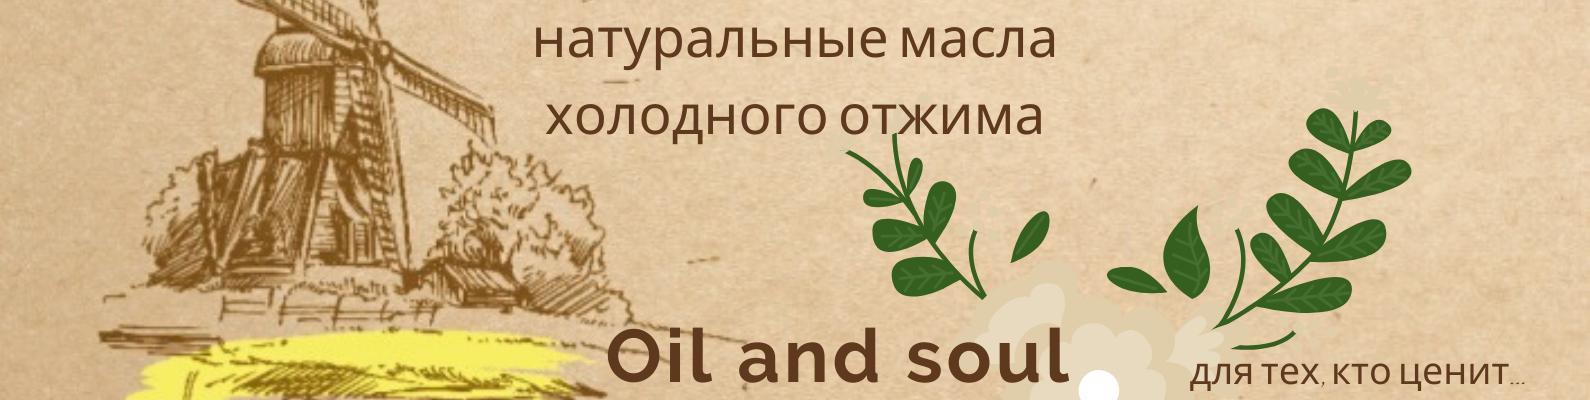 Натуральные масла холодного отжима с Хохловских просторов